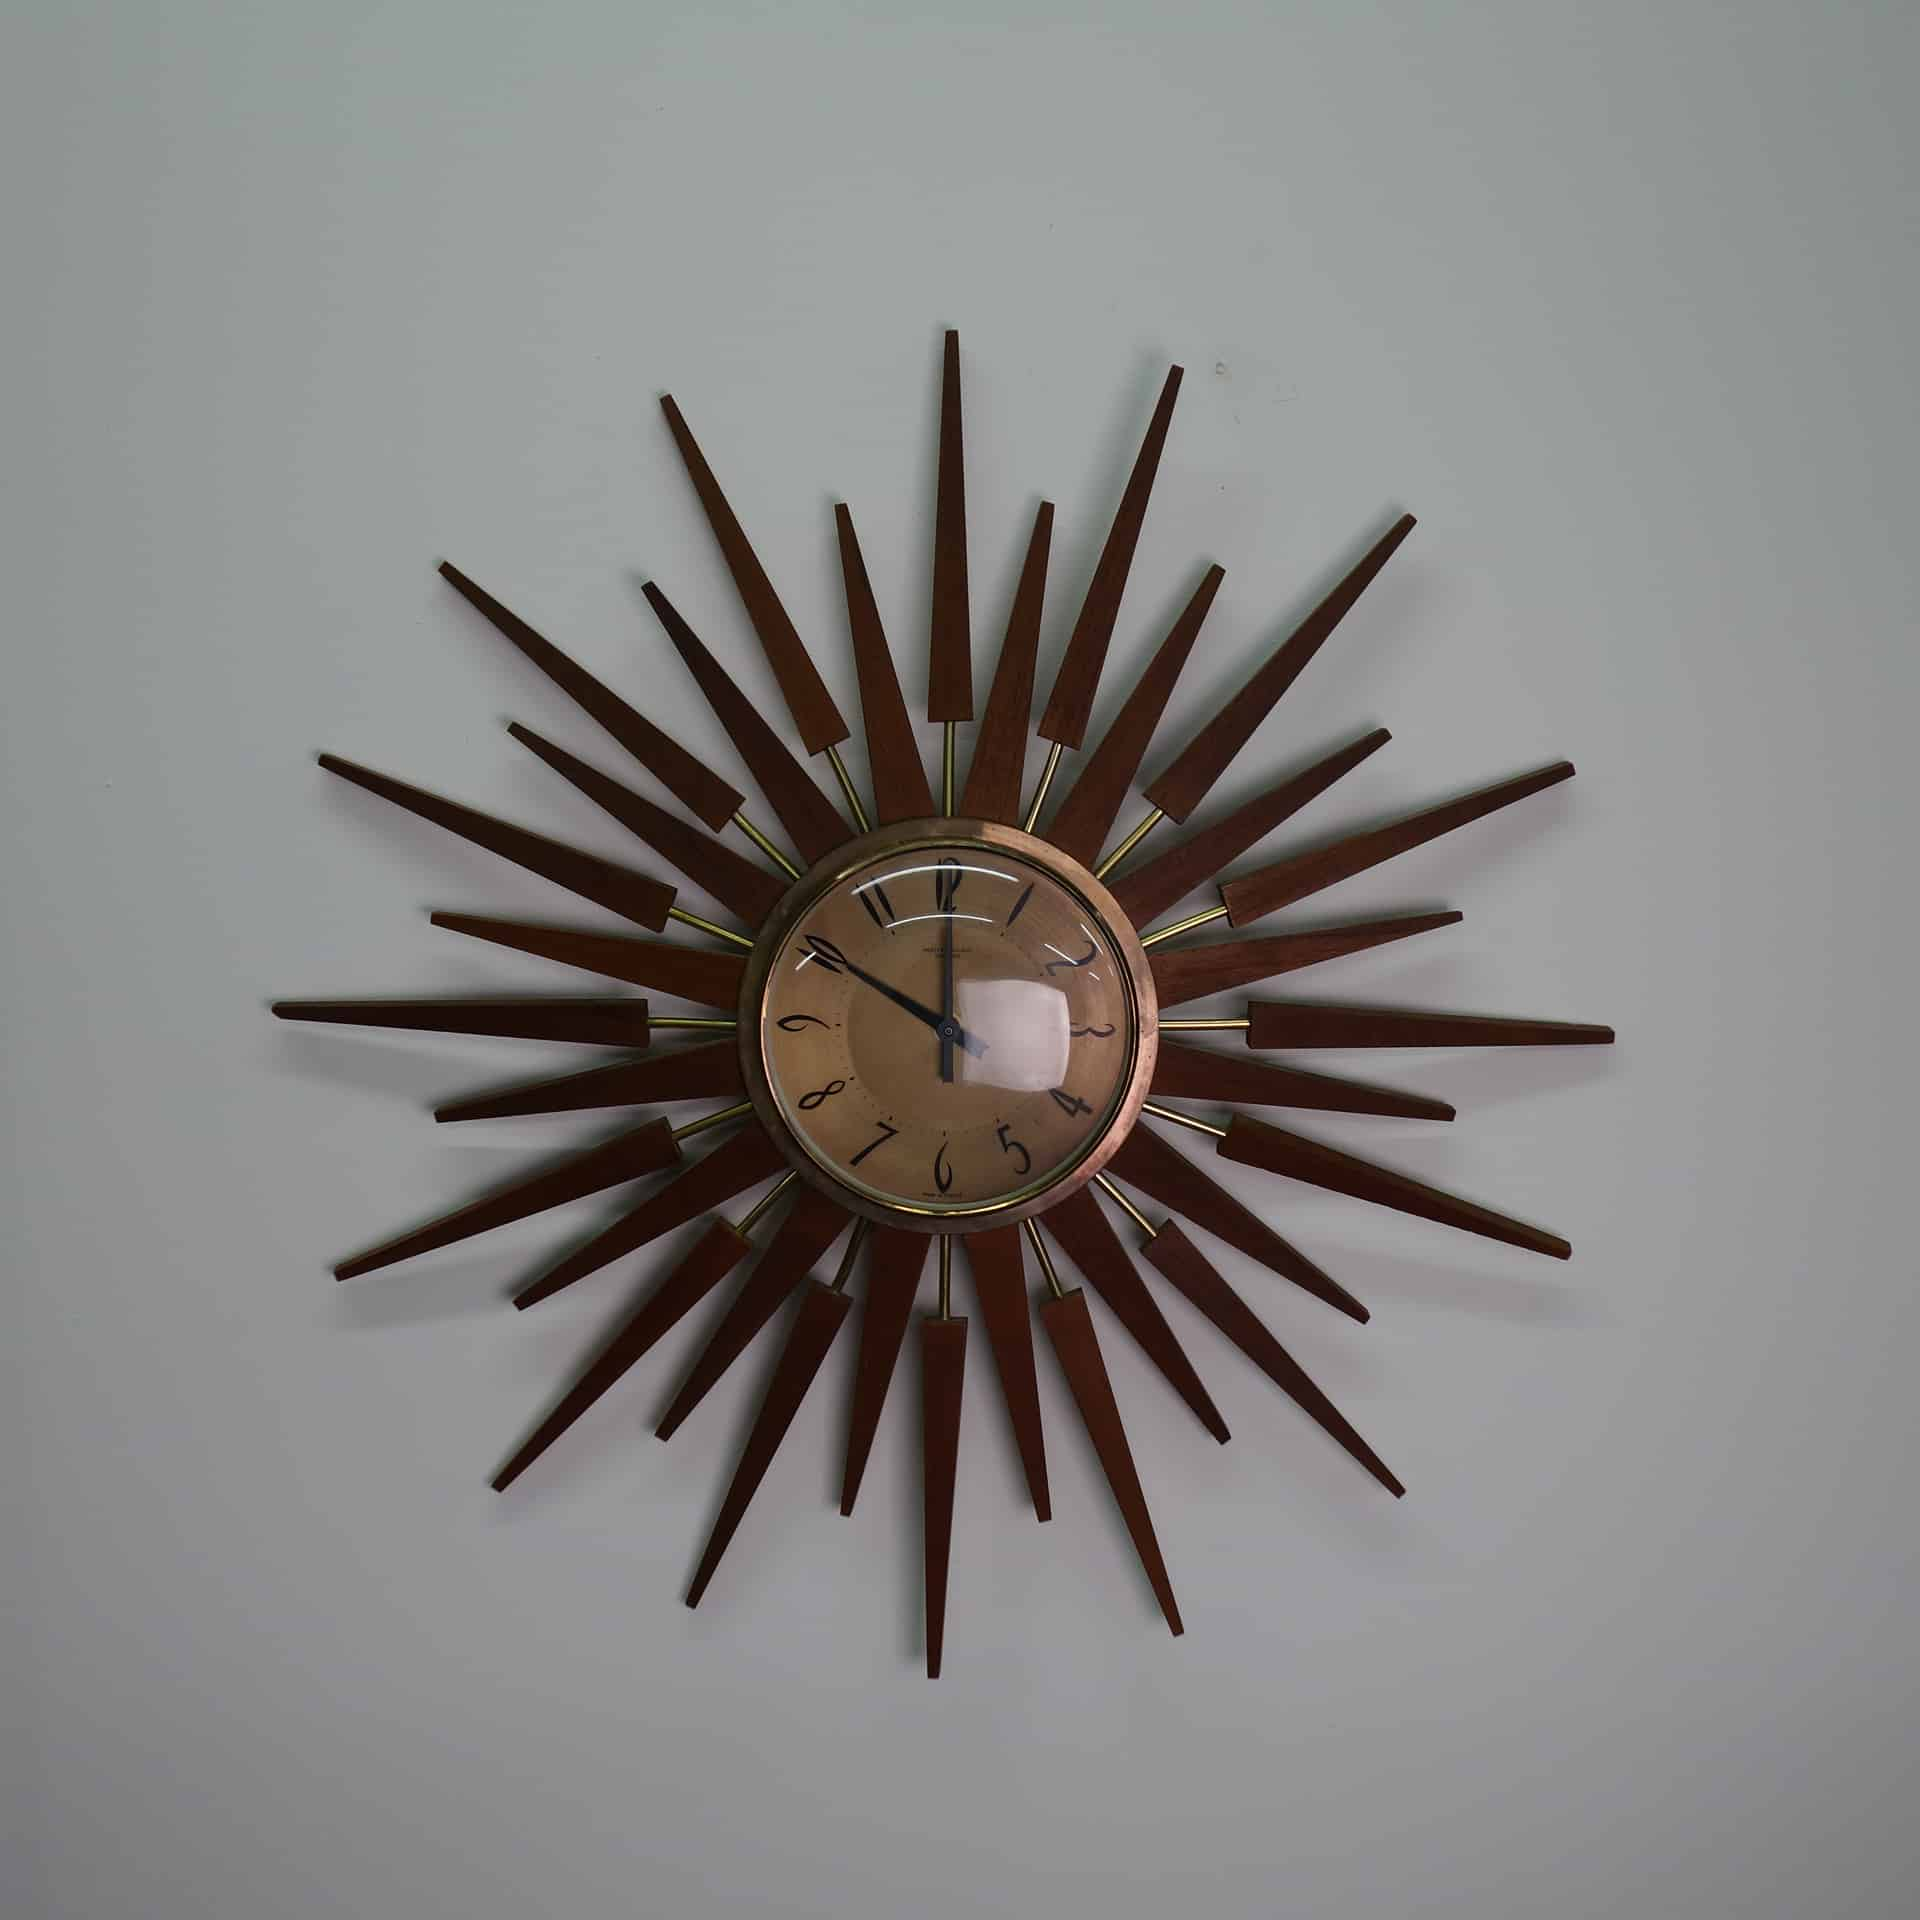 1960s teak star burst clock by Anstey and Wilson